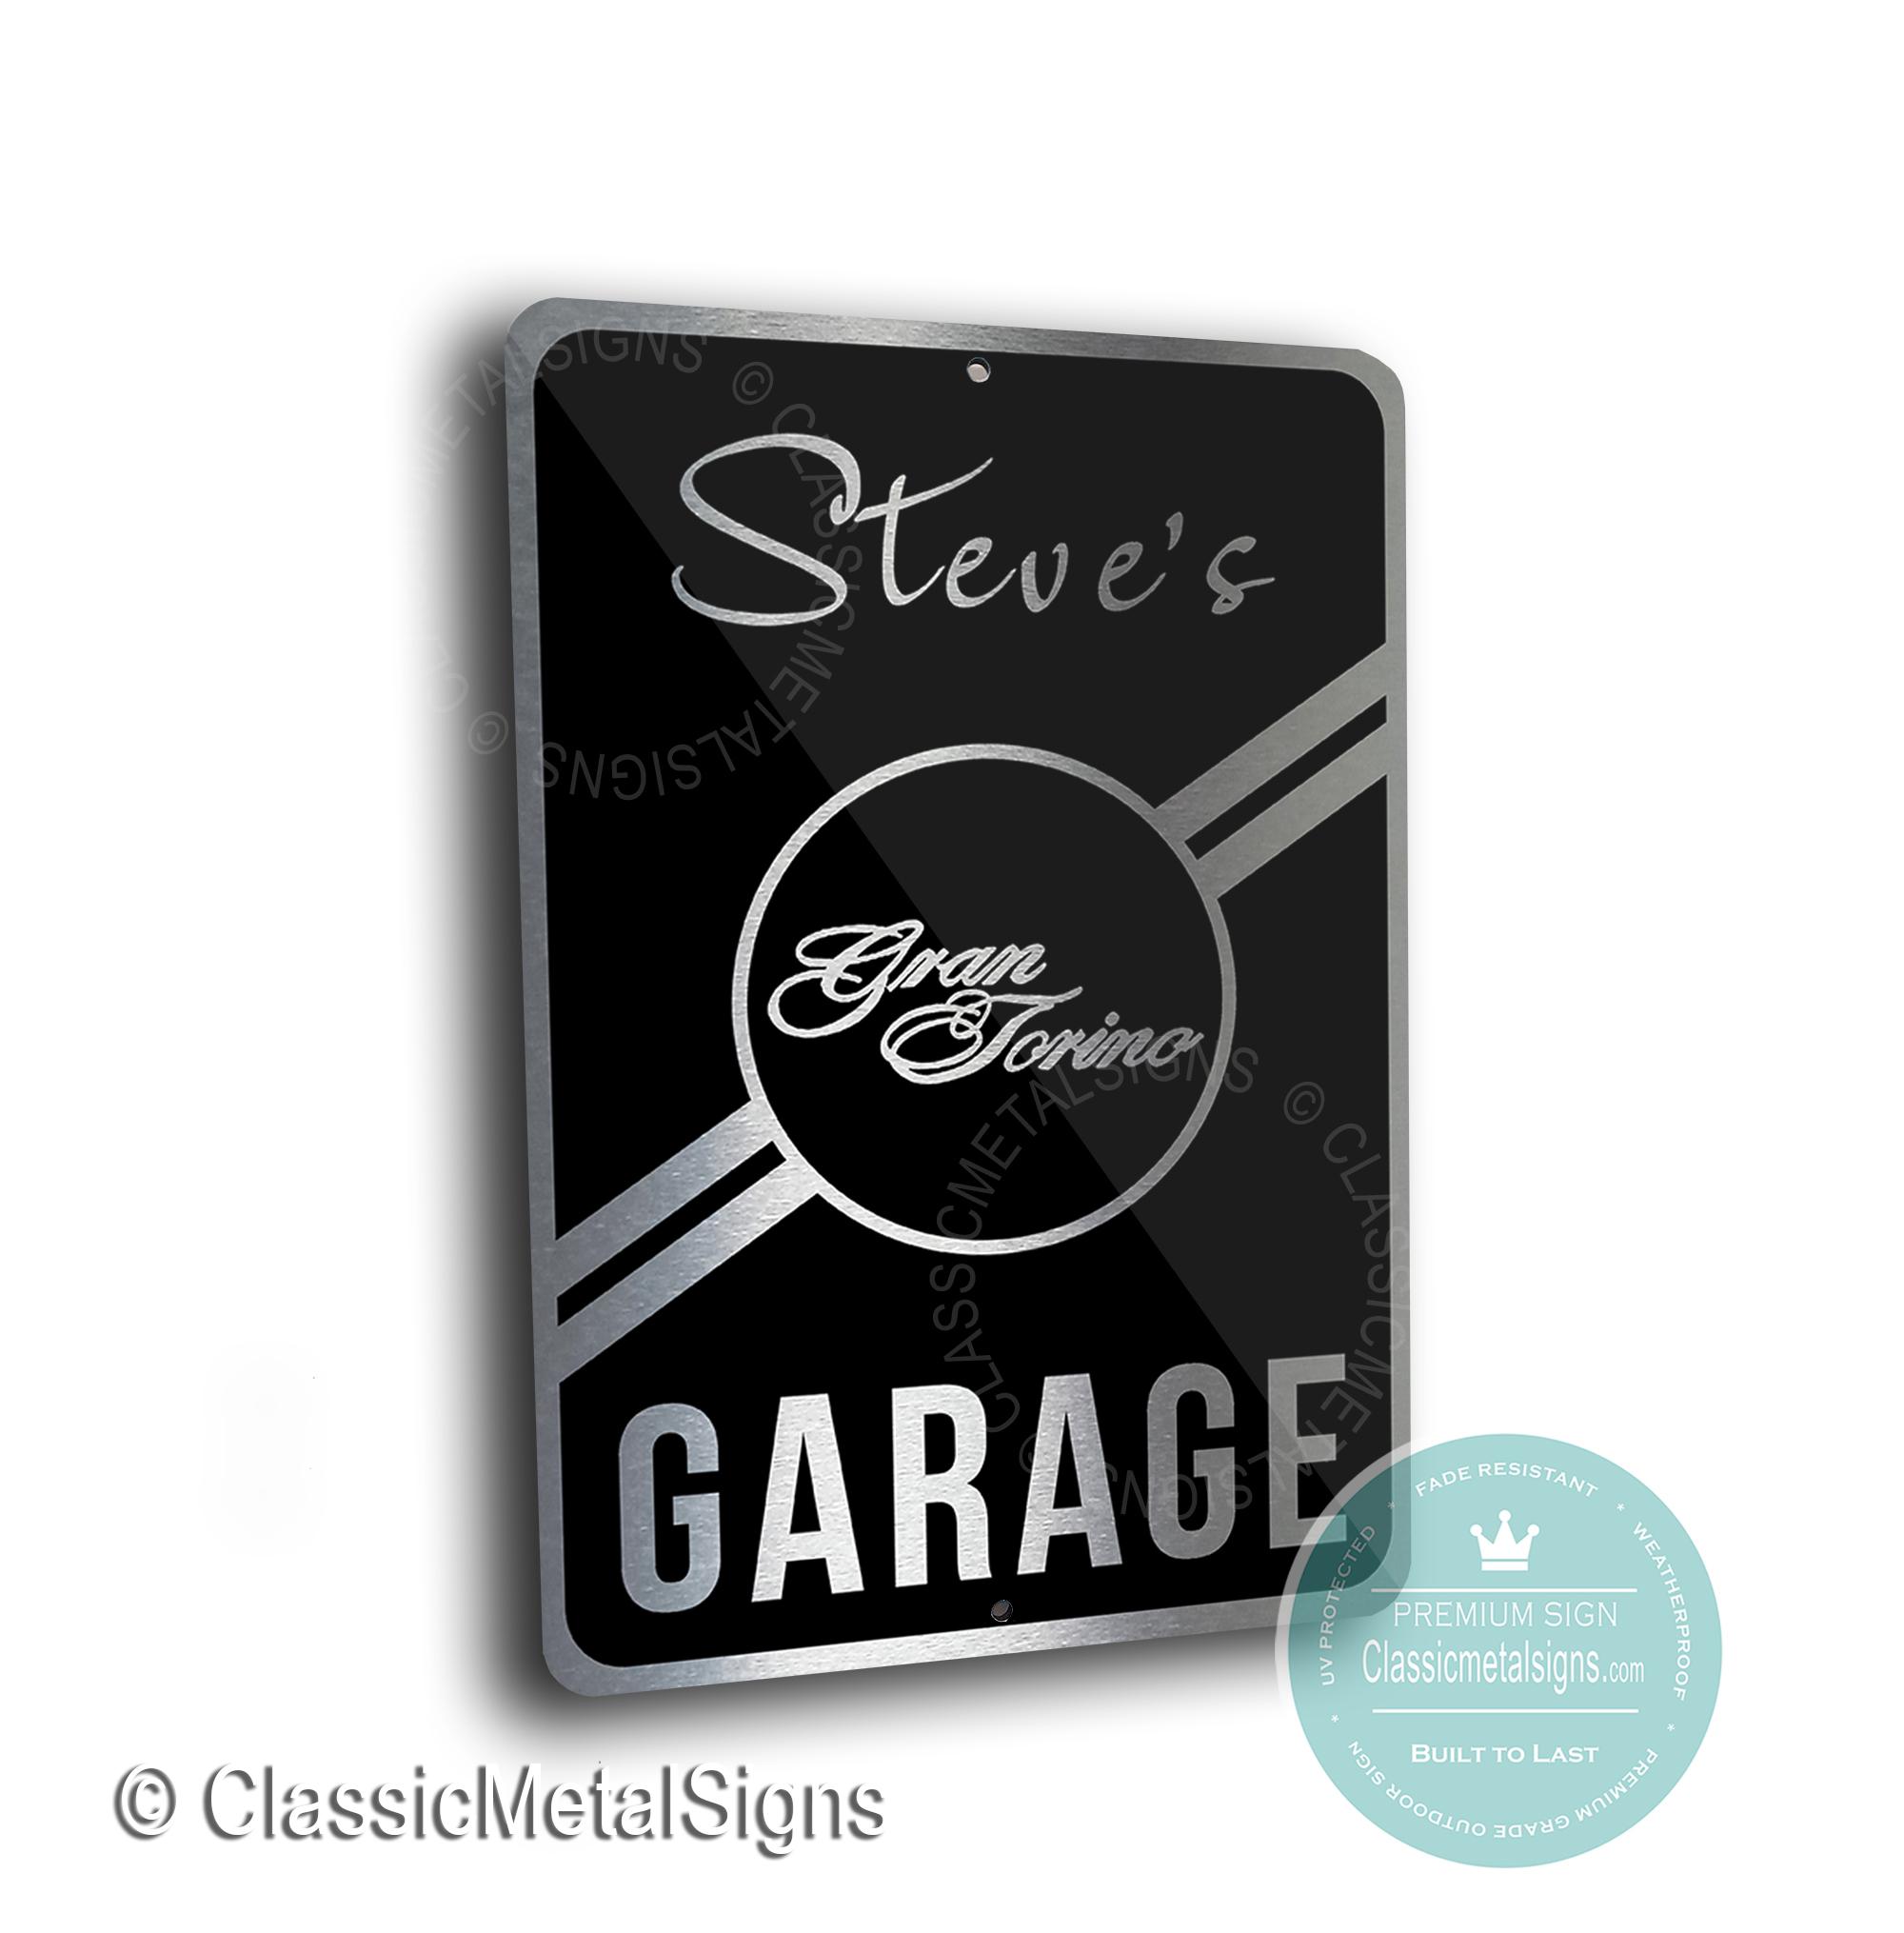 Gran Torino Garage Signs